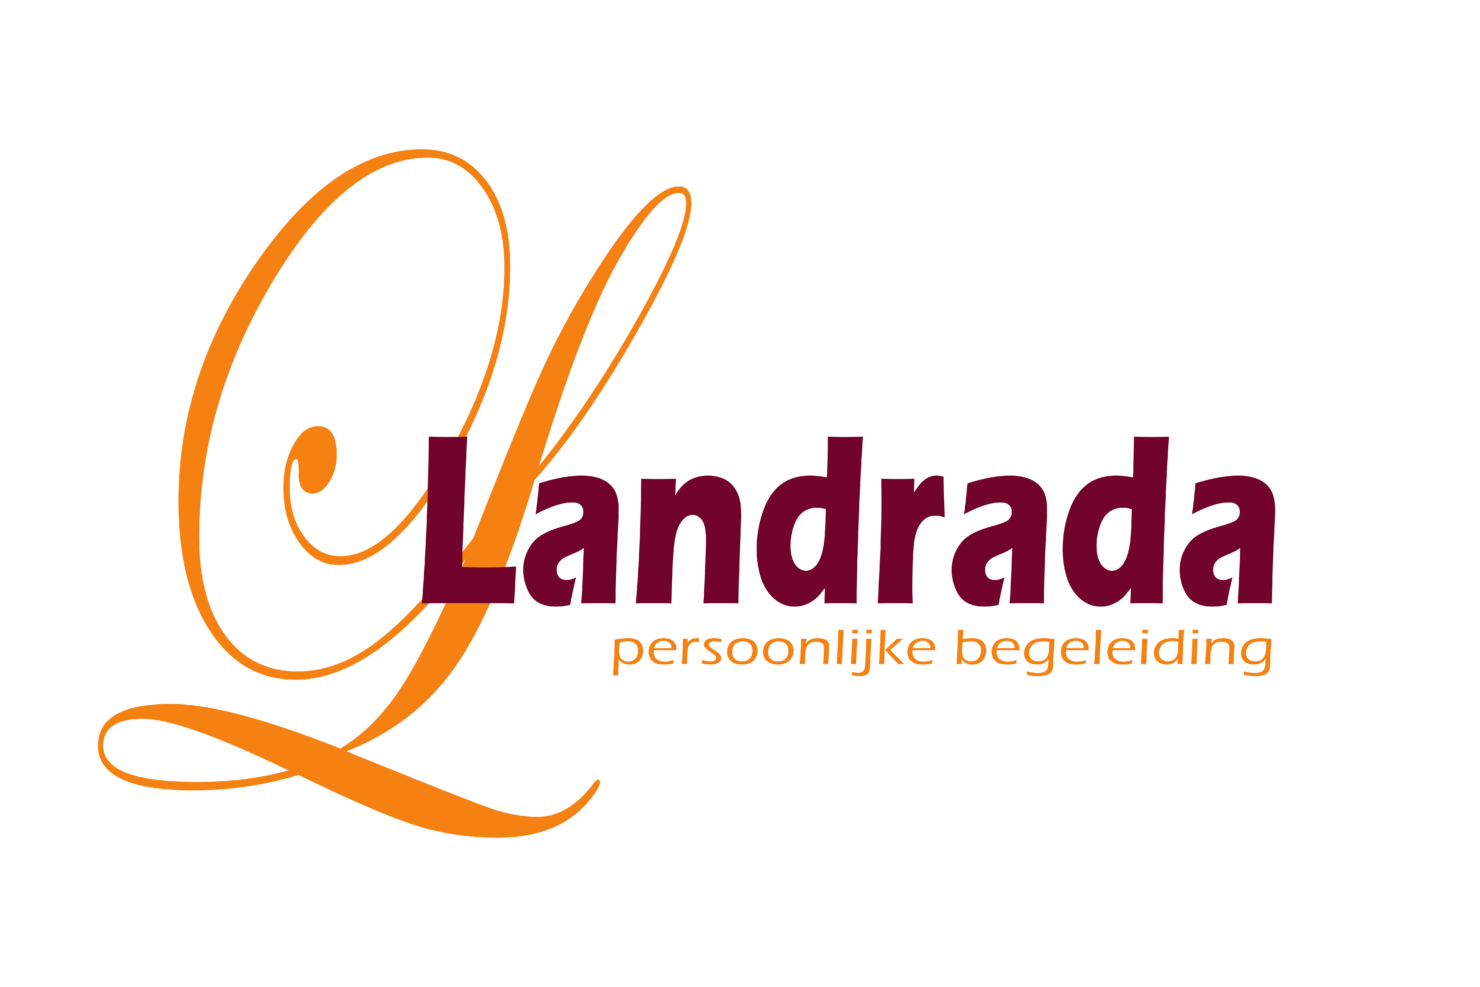 Landrada - Persoonlijke begeleiding